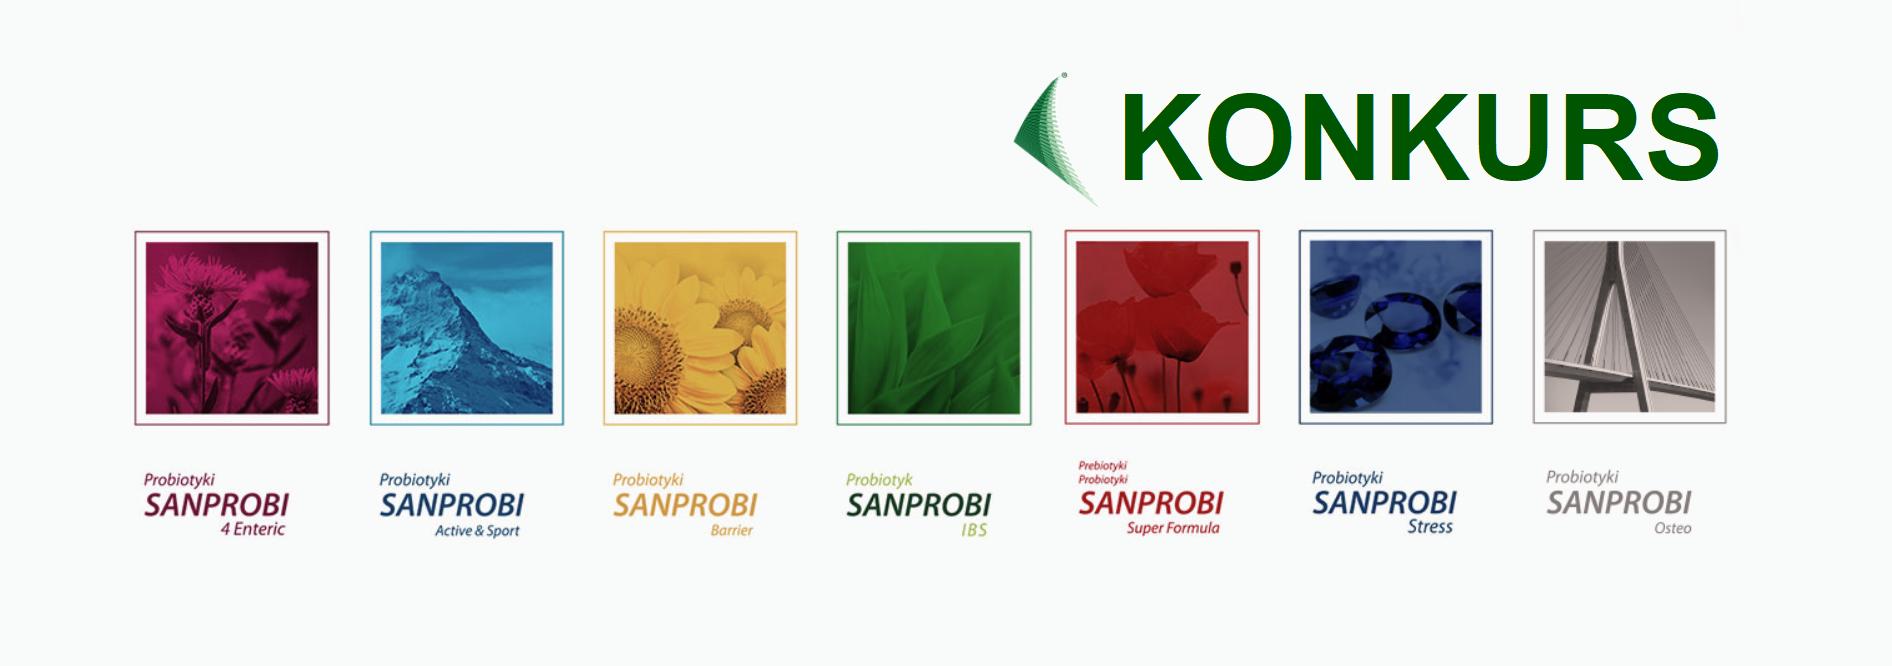 Konkurs Sanprobi